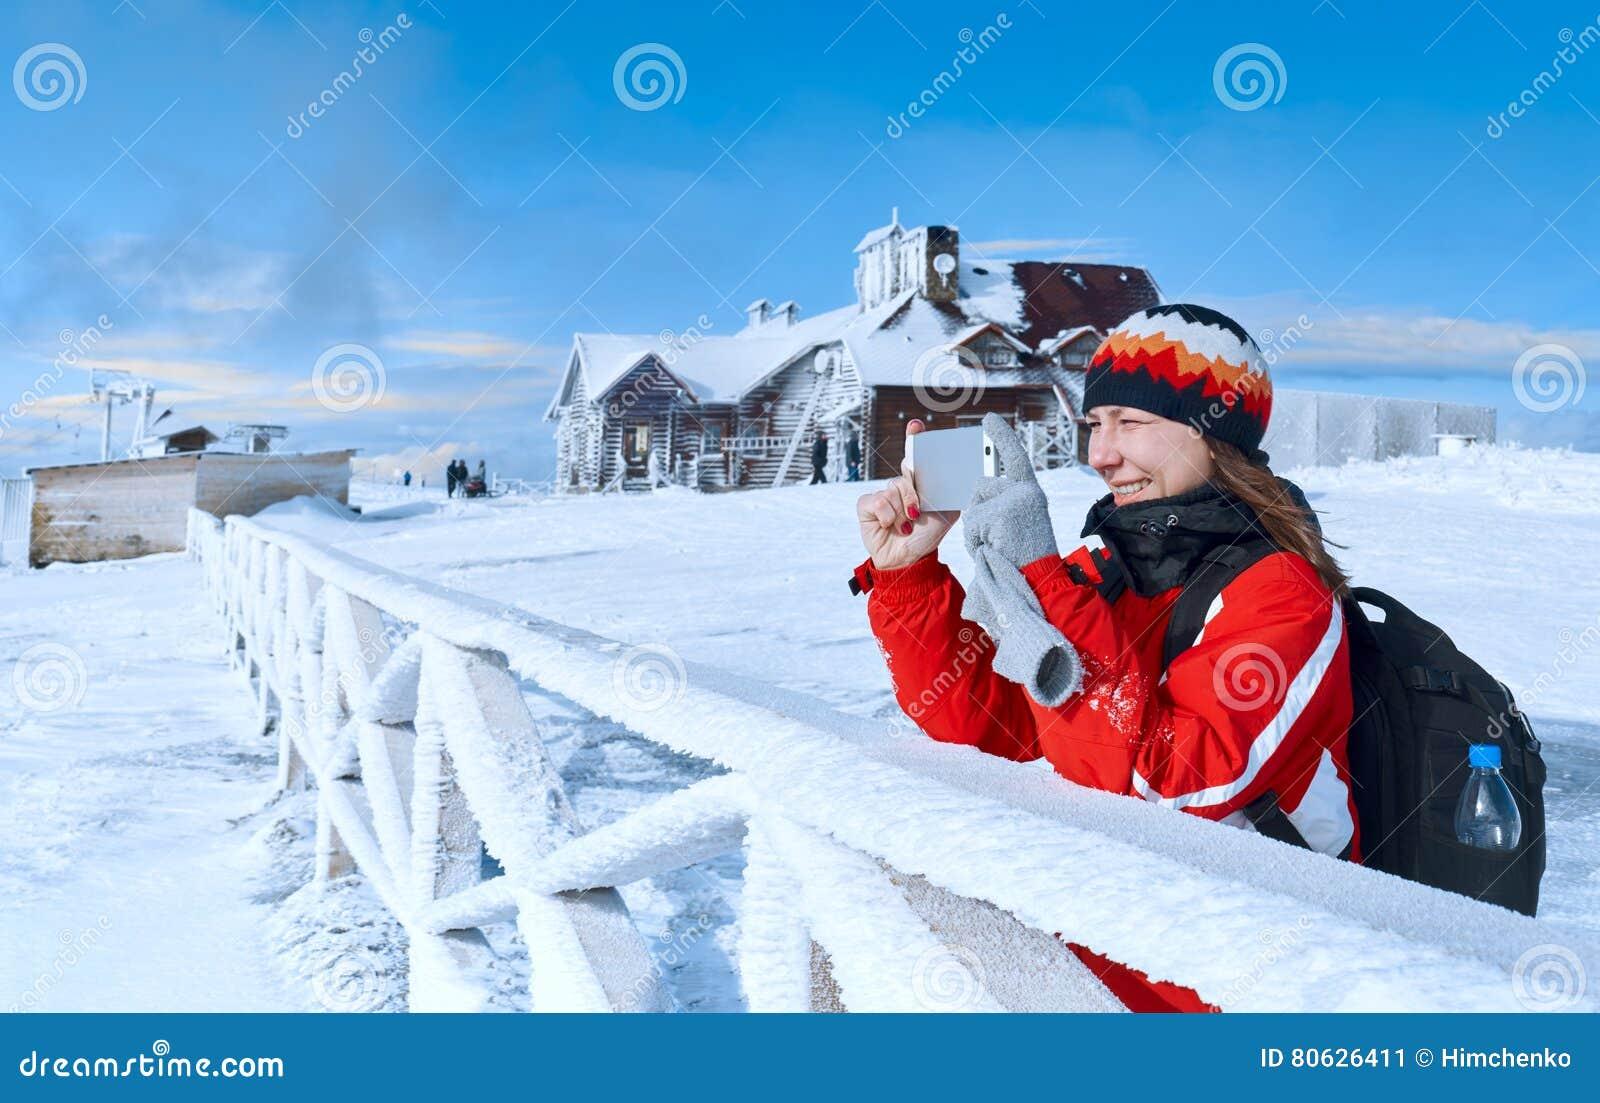 Montagna fotografata giovane donna nell inverno